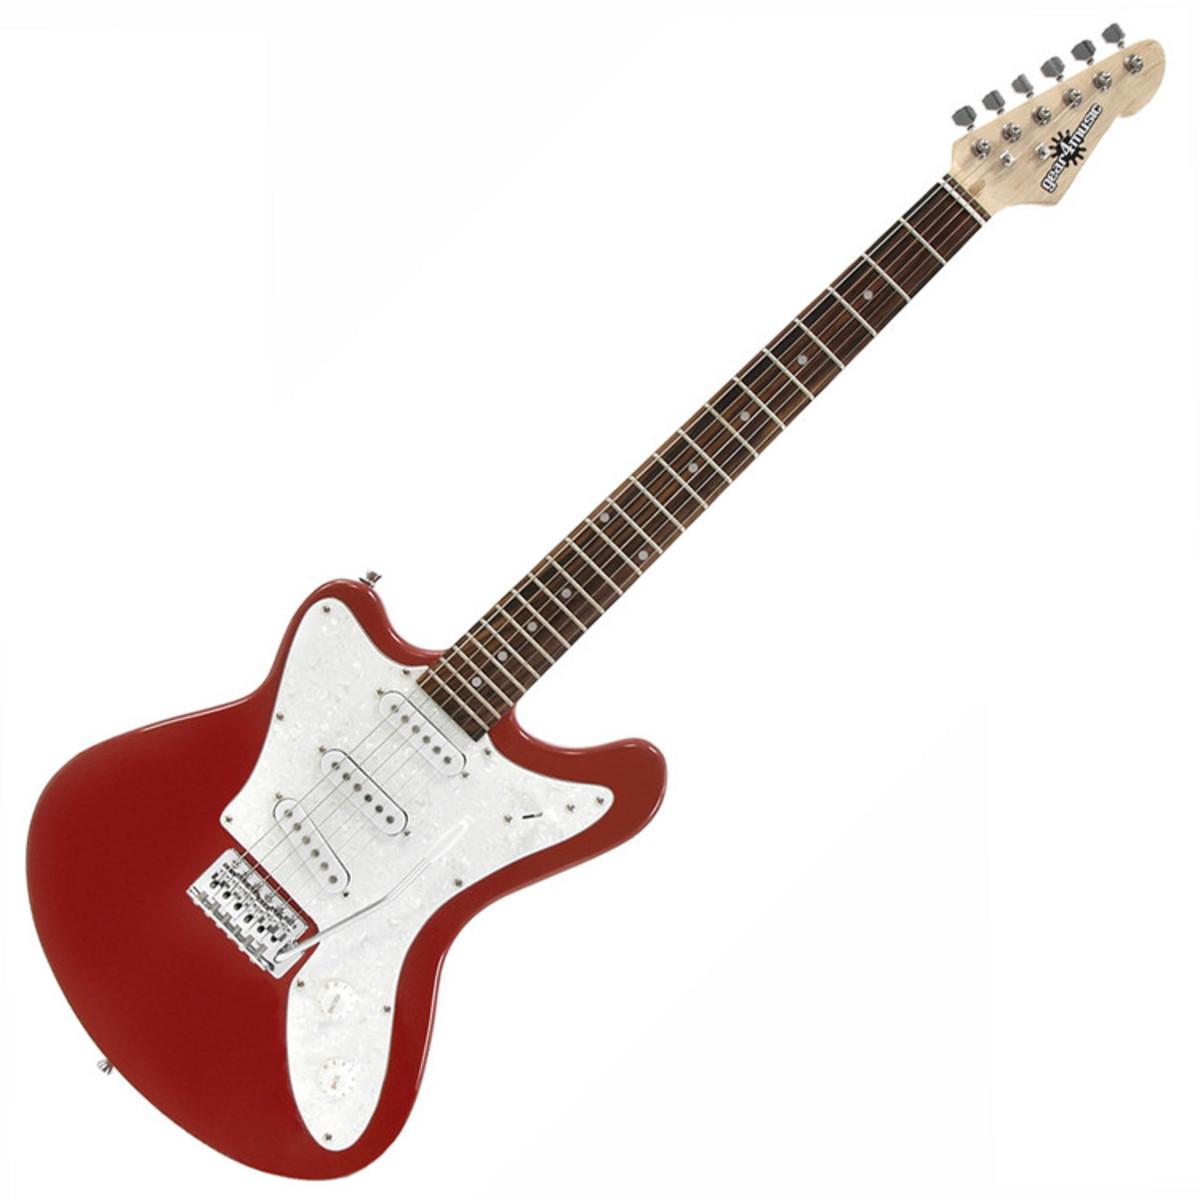 guitare lectrique invers e seattle par gear4music rouge. Black Bedroom Furniture Sets. Home Design Ideas